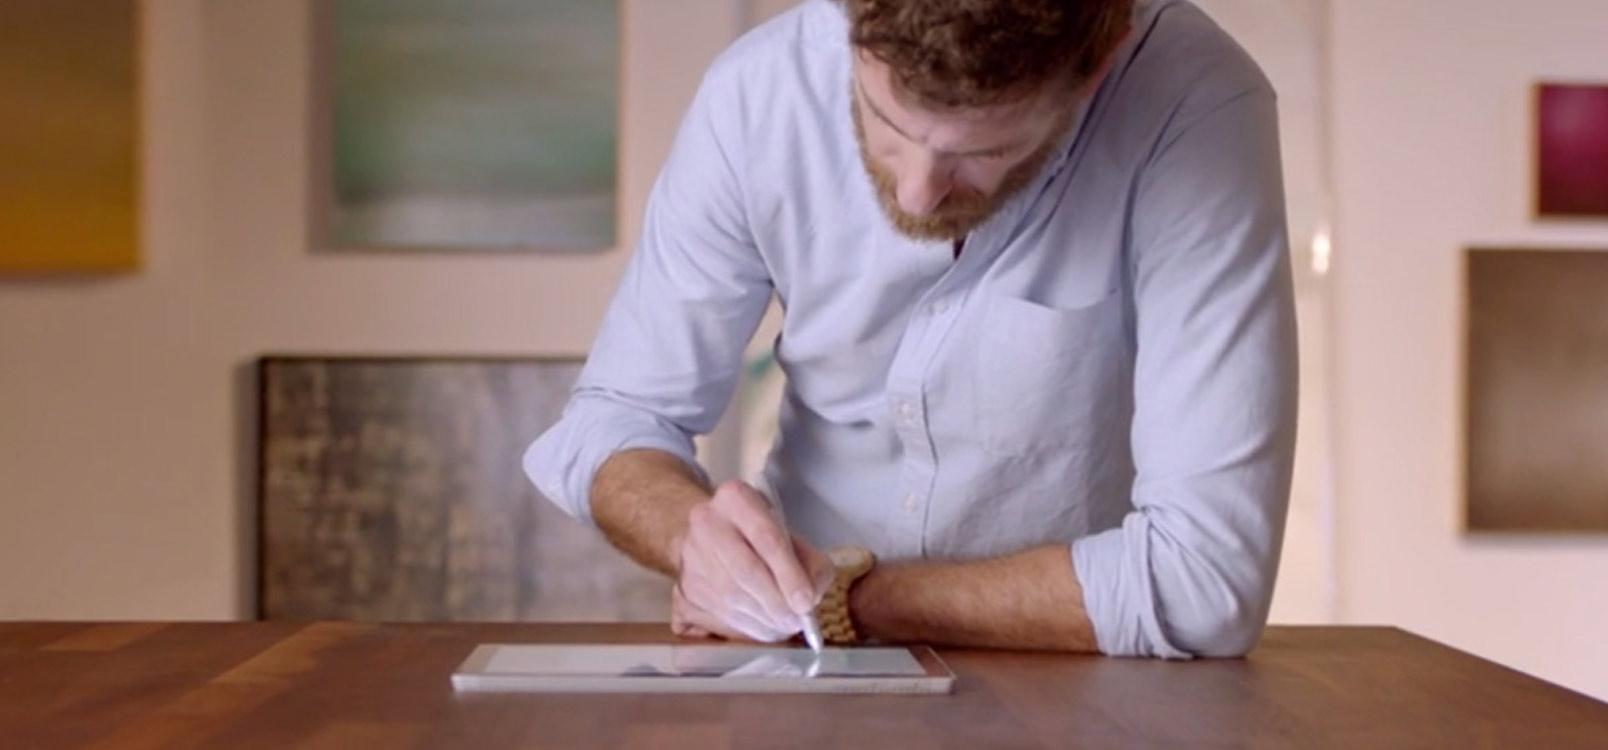 Dua orang menatap layar telepon, pelajari tentang bekerja sama dengan orang lain di Office